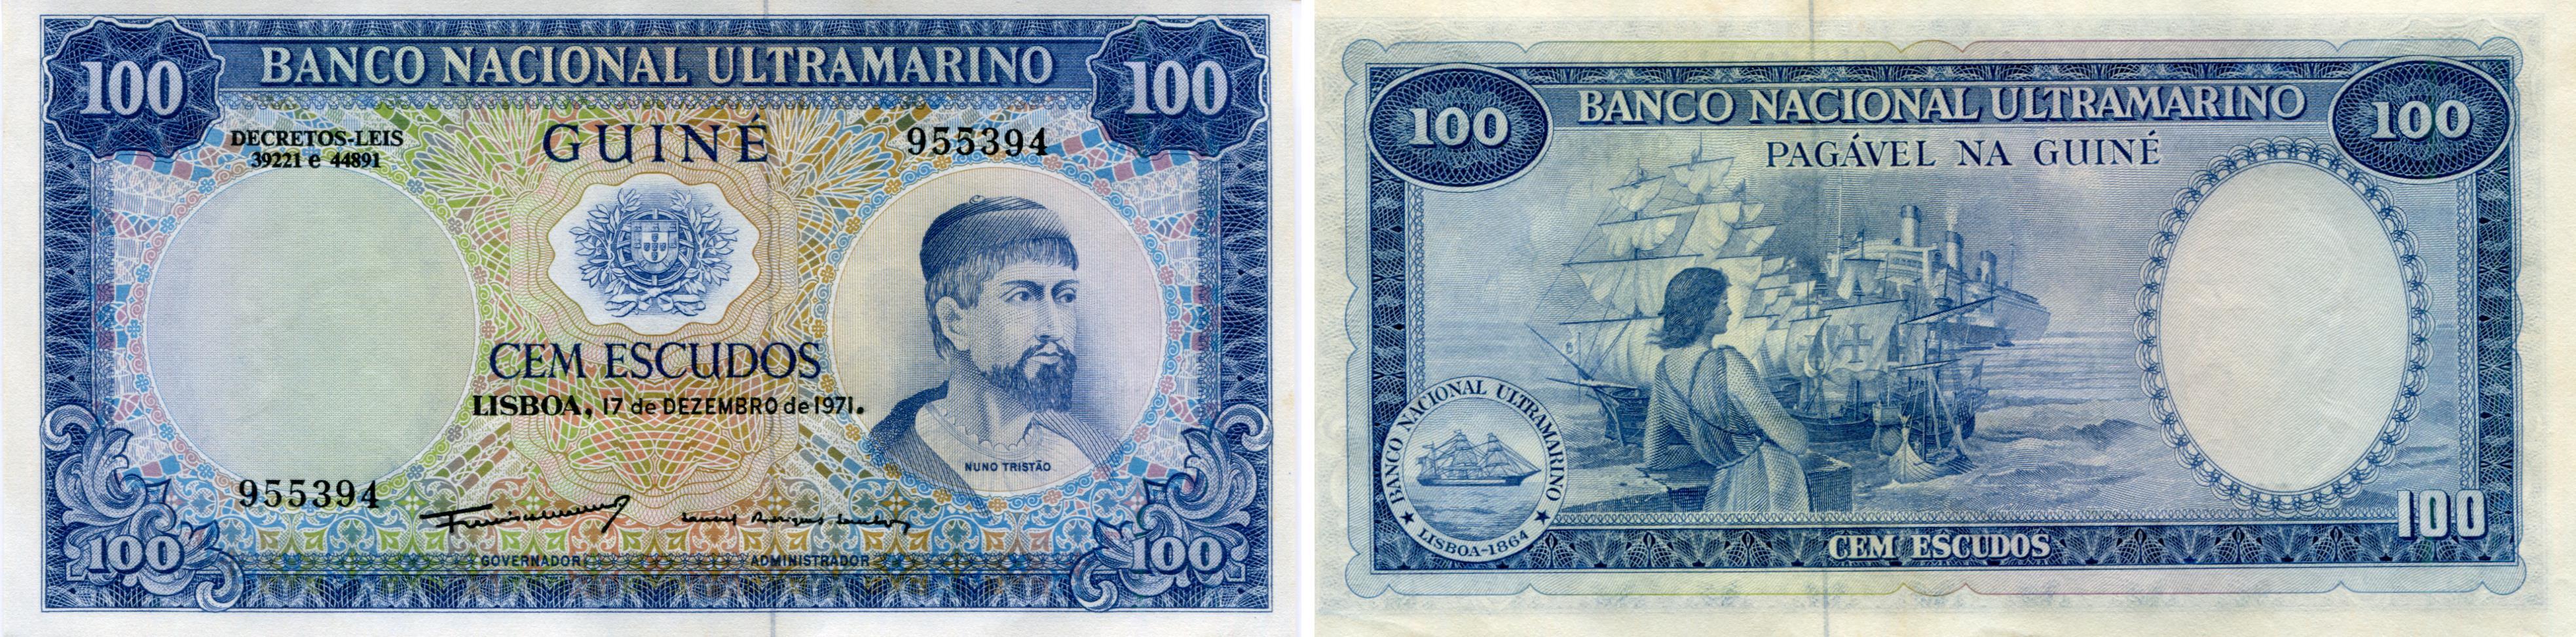 Zimbabwe million dollars banknotes set of all 4 1,100, 200, 500 million used